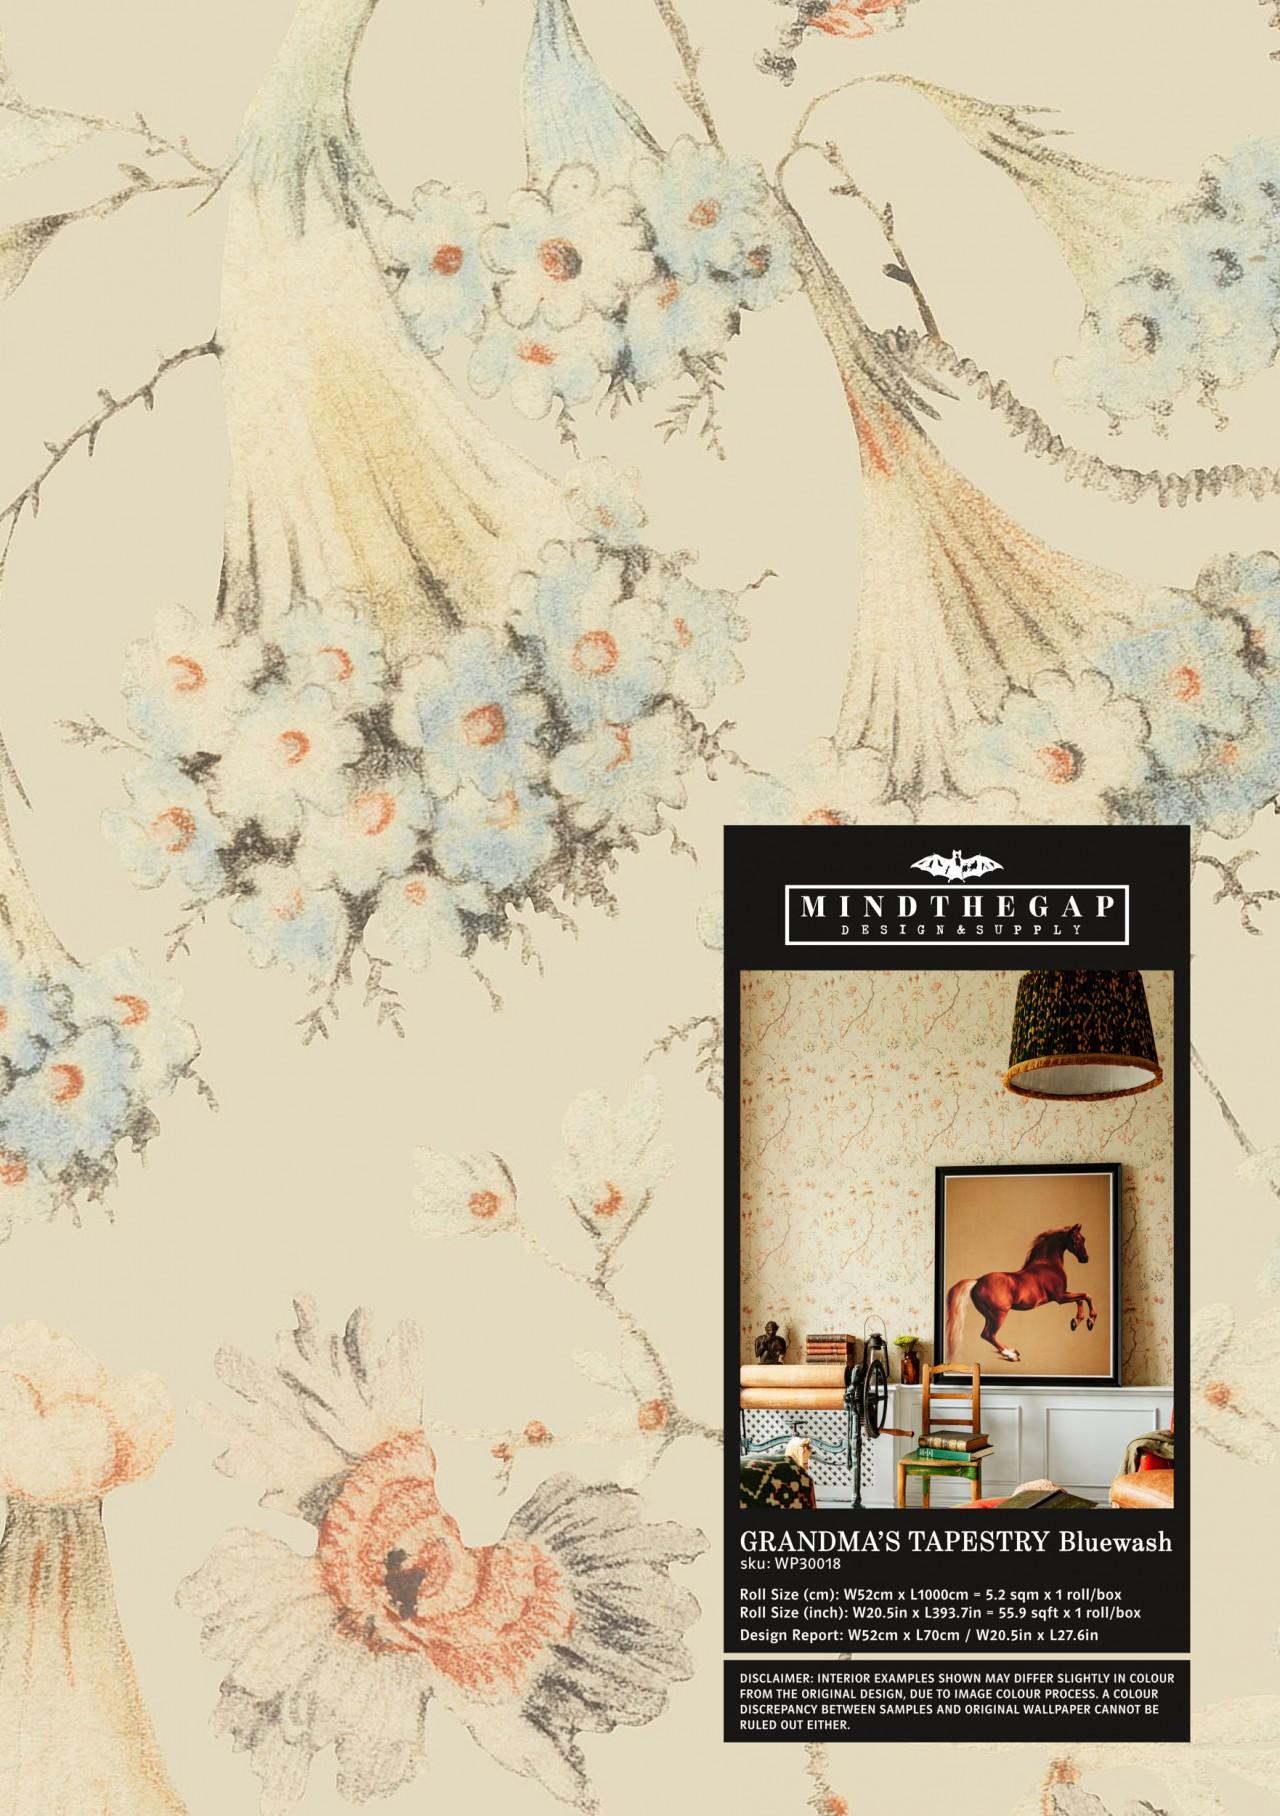 GRANDMA'S TAPESTRY Bluewash Wallpaper Sample